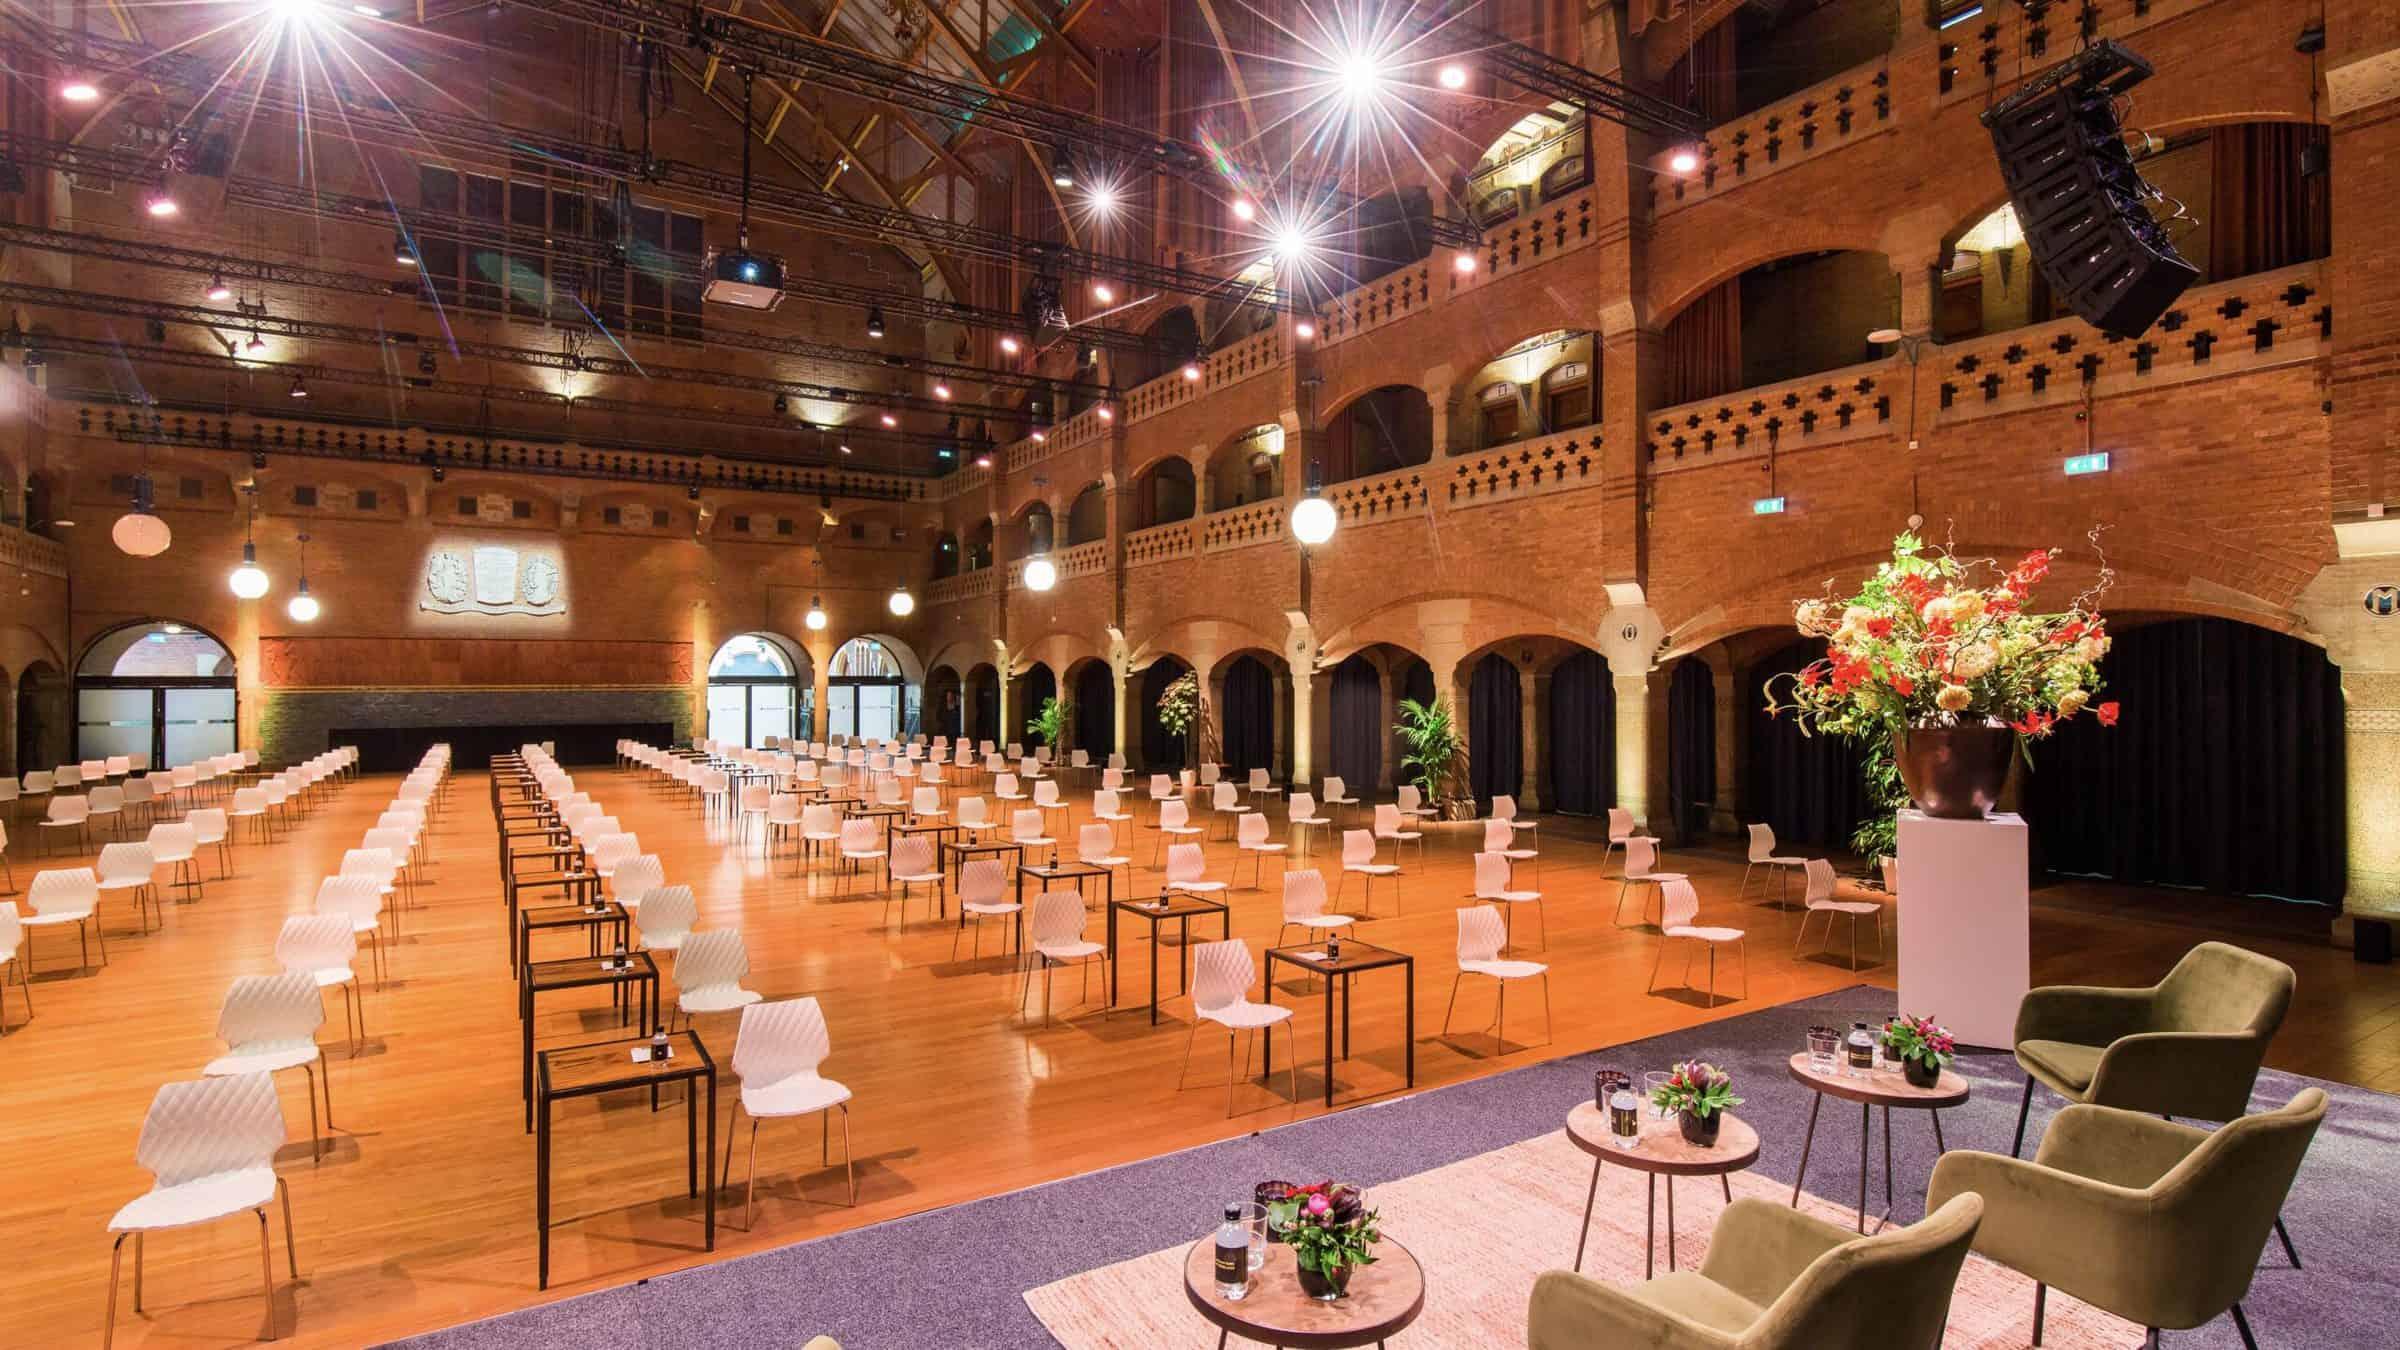 Beurs van Berlage grote zaal die coronaproof is ingericht voor een congres